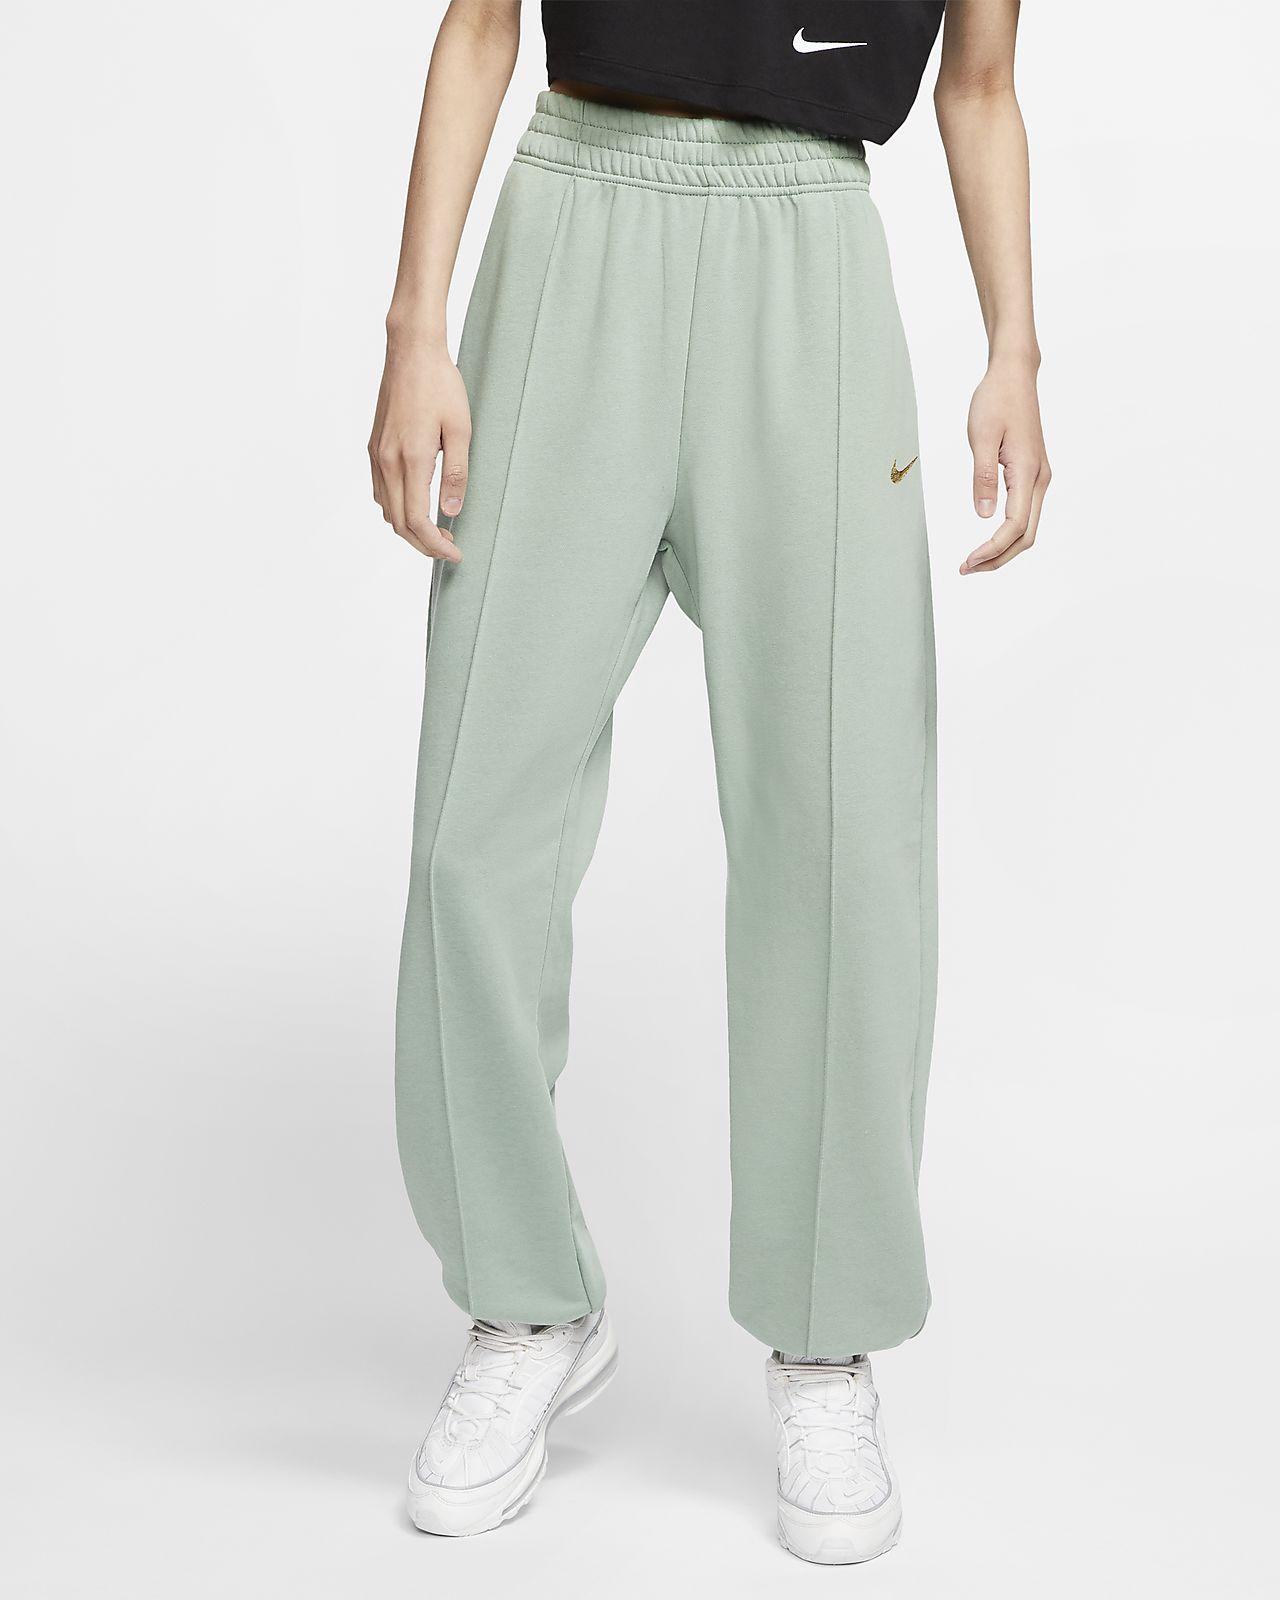 nike donna pantaloni